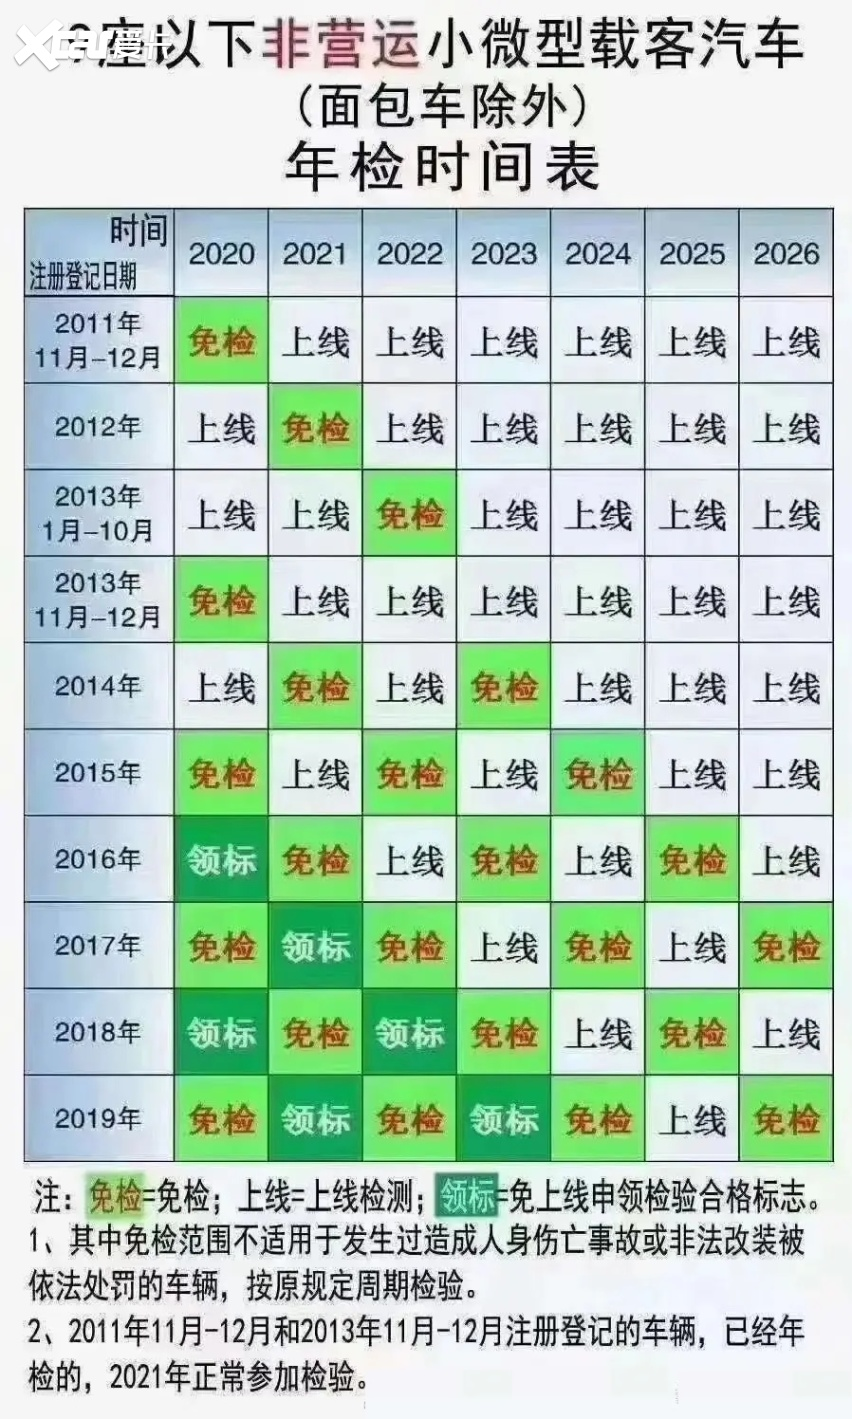 7座6年免检正式实施,2+2+3和2+3+2,买哪个更合适?